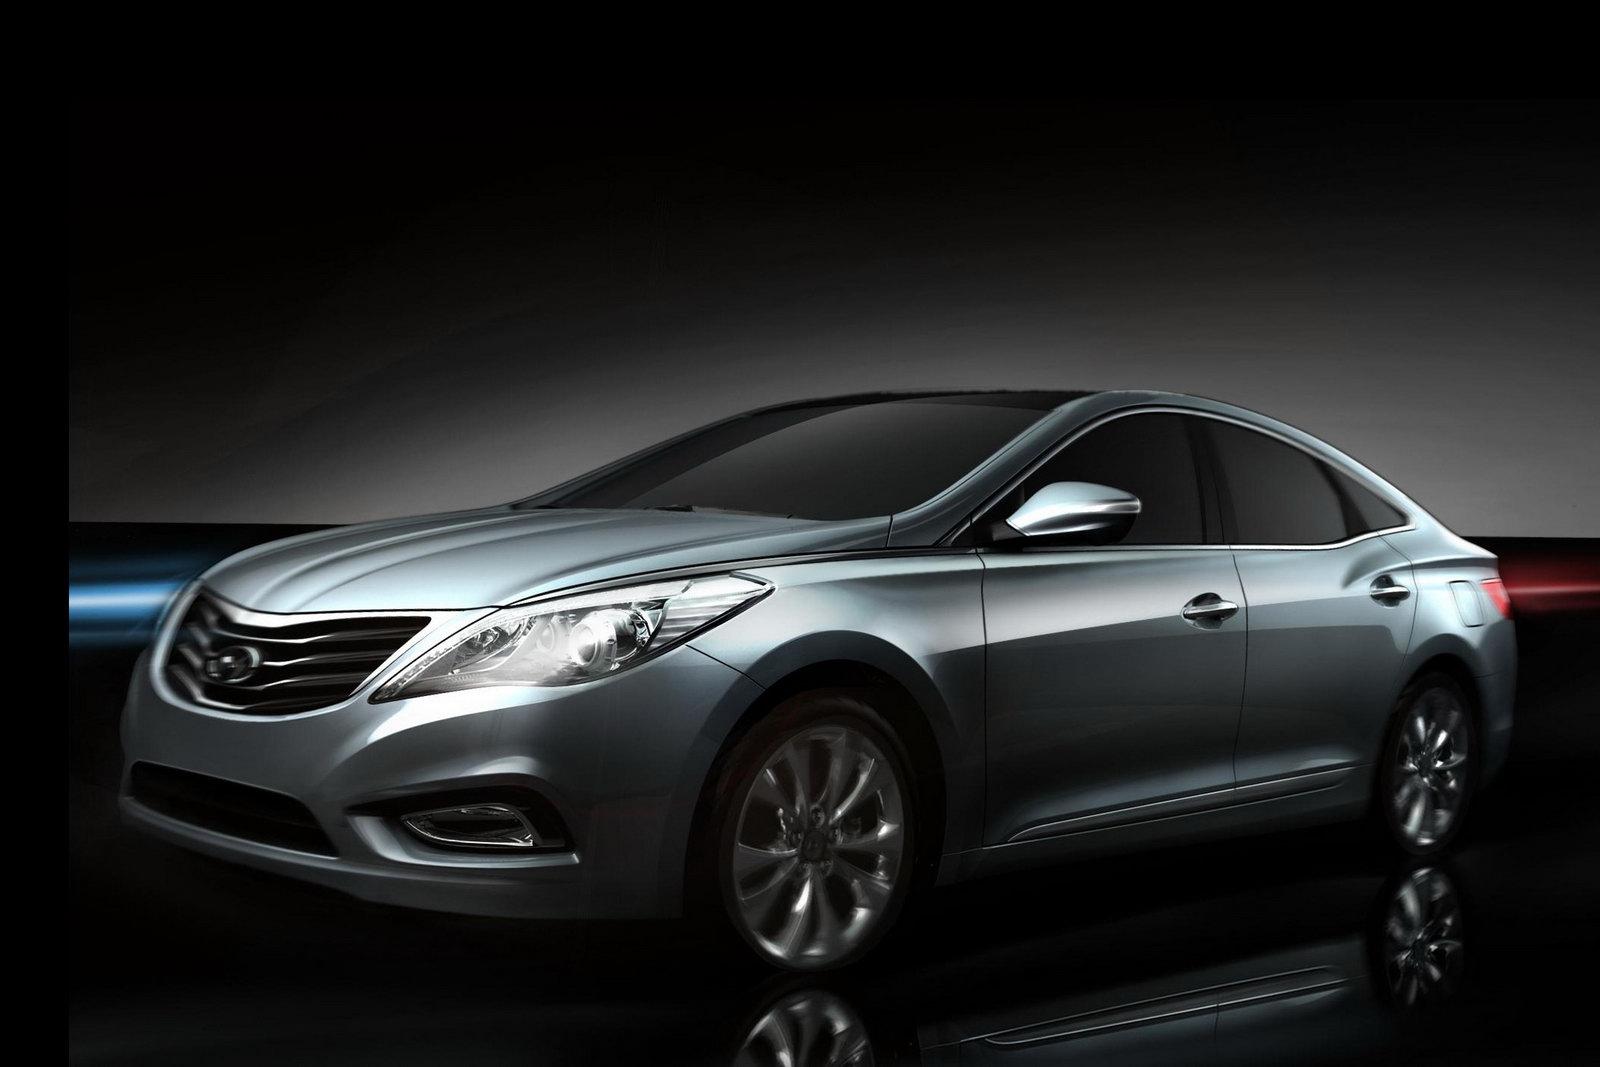 Hyundai confirma lançamento do Azera 2012